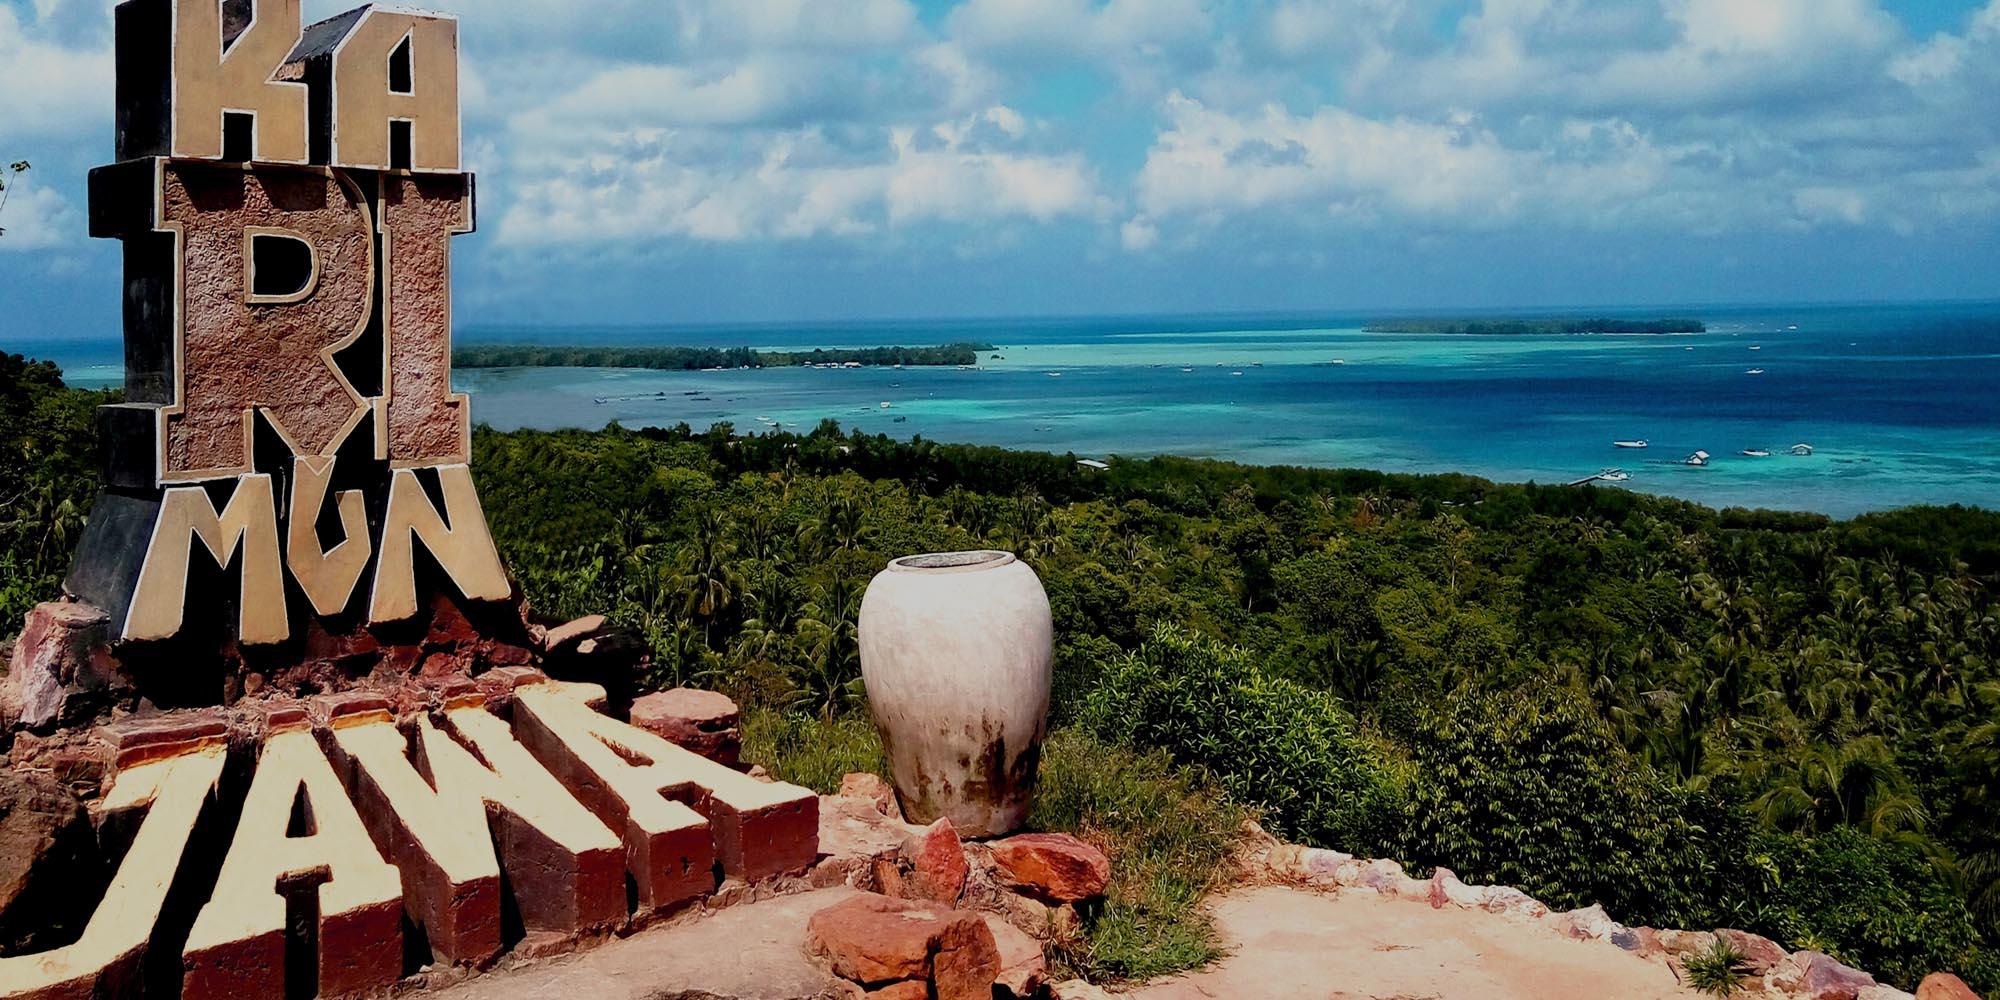 Karimunjawa - karimunjawa trip - Karimunjawa Tour Packages, YOEXPLORE